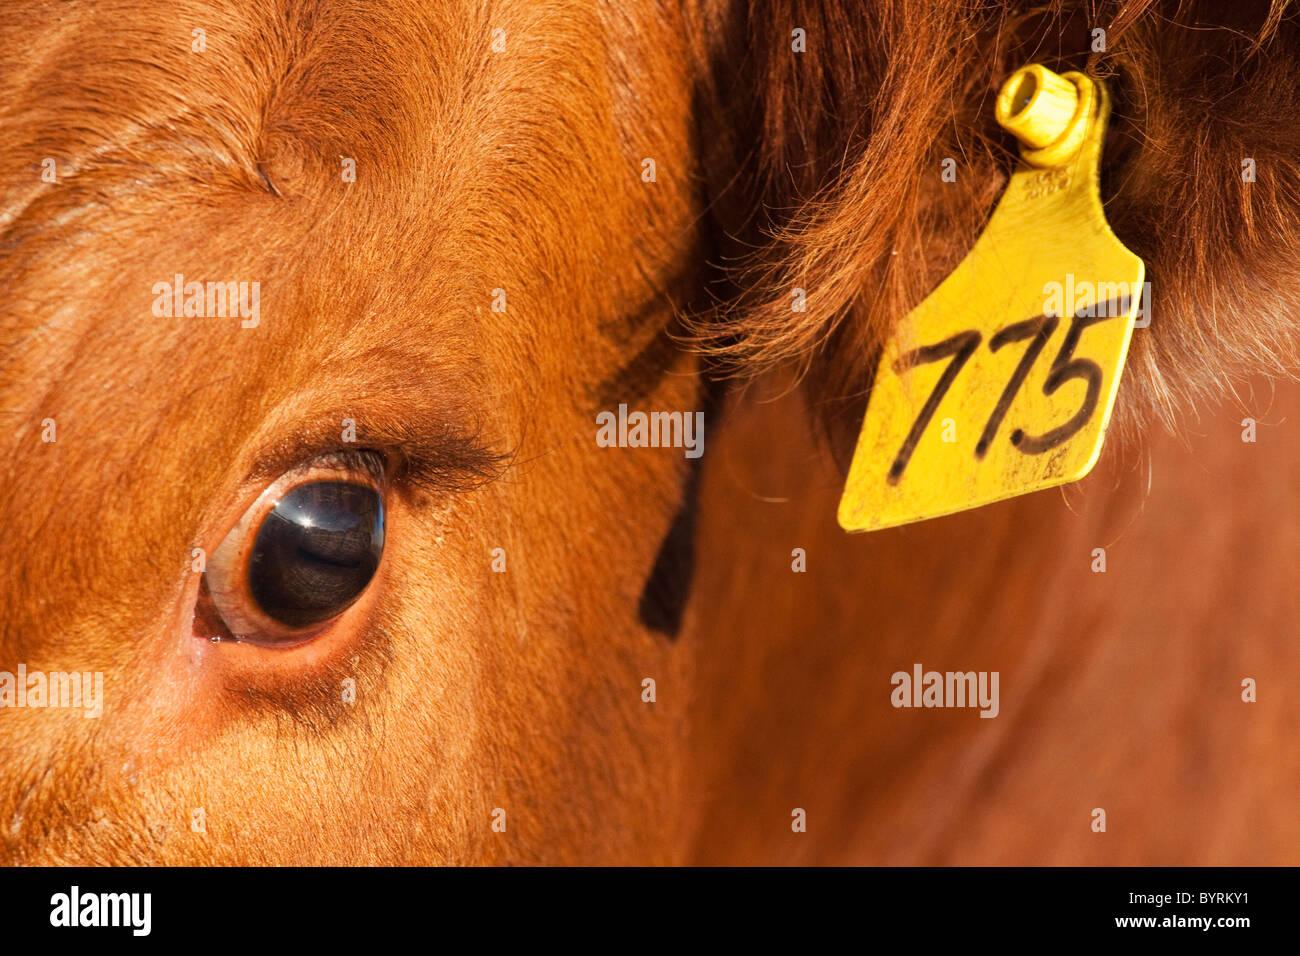 Vieh - Nahaufnahme des Ohrmarke und des Auges einer roten Angus Rind Kuh / Alberta, Kanada. Stockbild